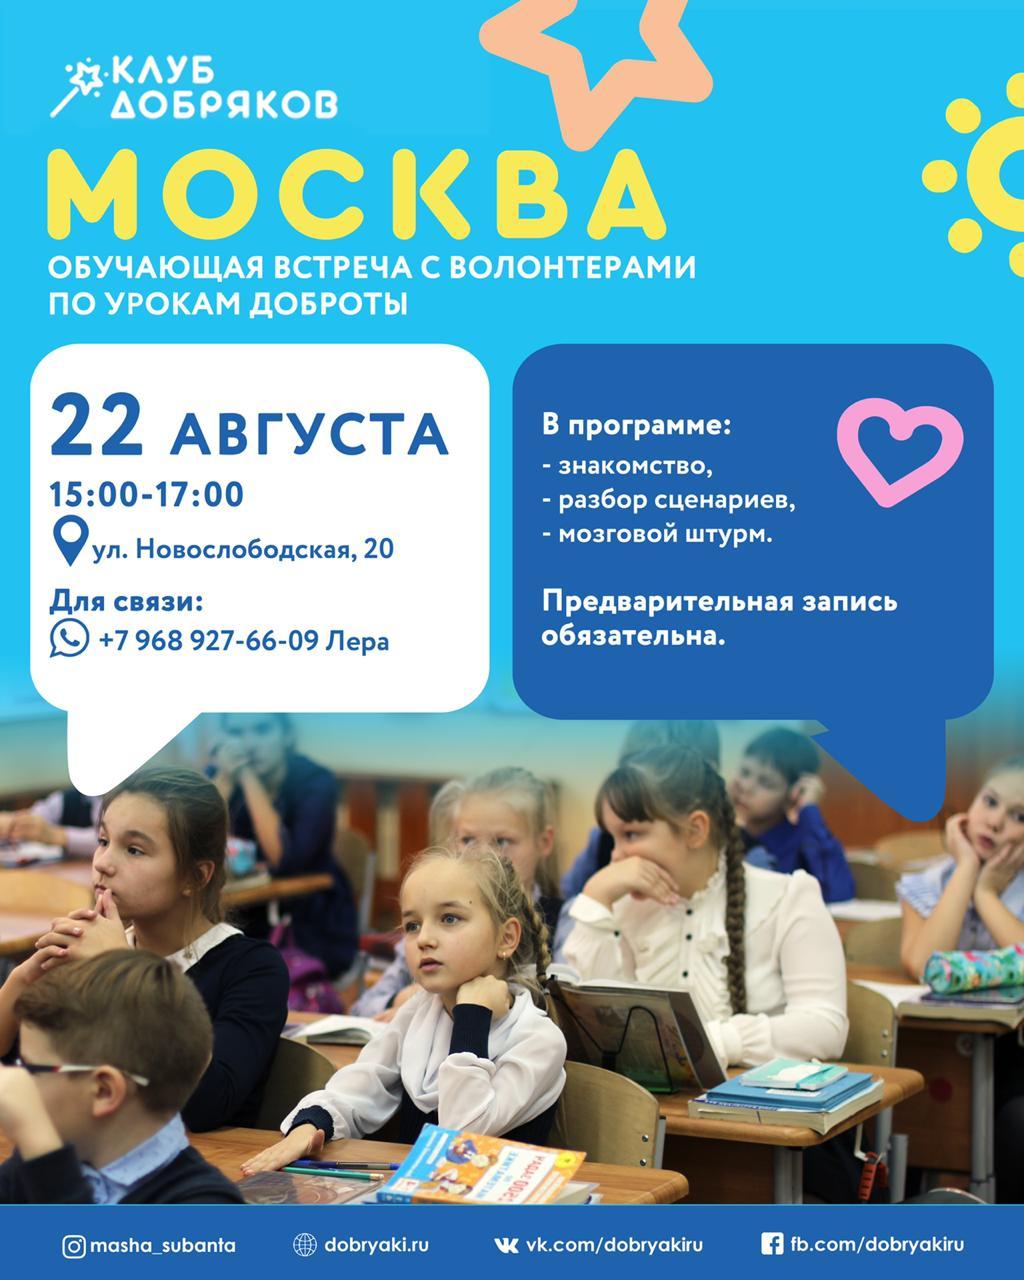 В Москве пройдет встреча волонтеров по проекту «Уроки доброты»